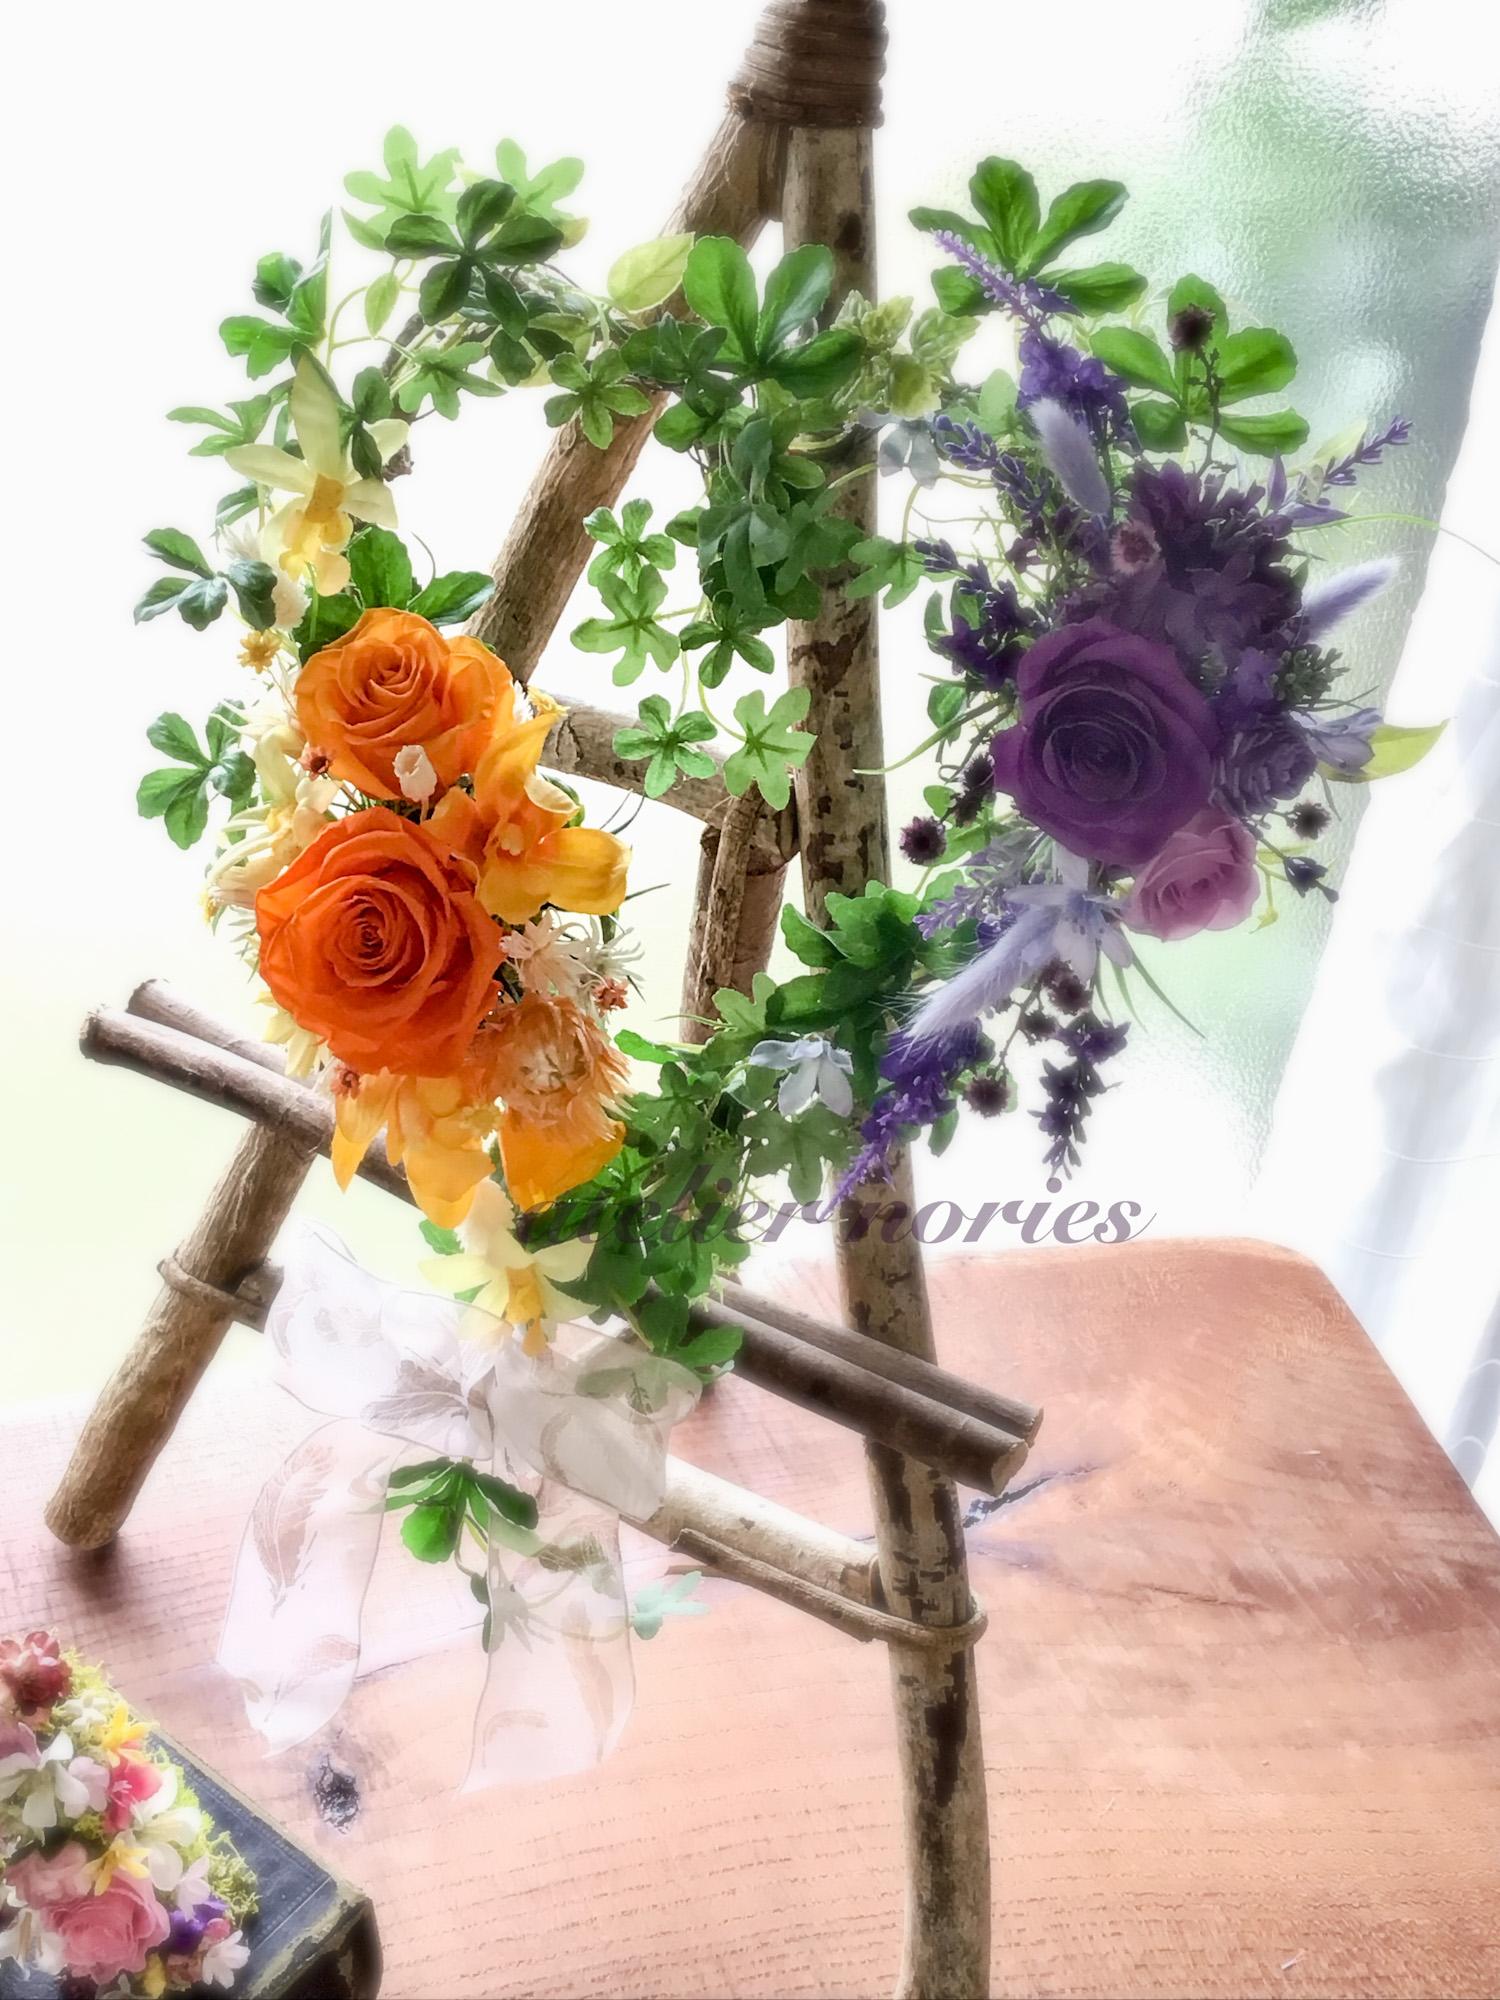 Janice ジャニス オレンジとパープルのプリザーブドフラワーとアーティフィシャルフラワーで制作したハートのリース